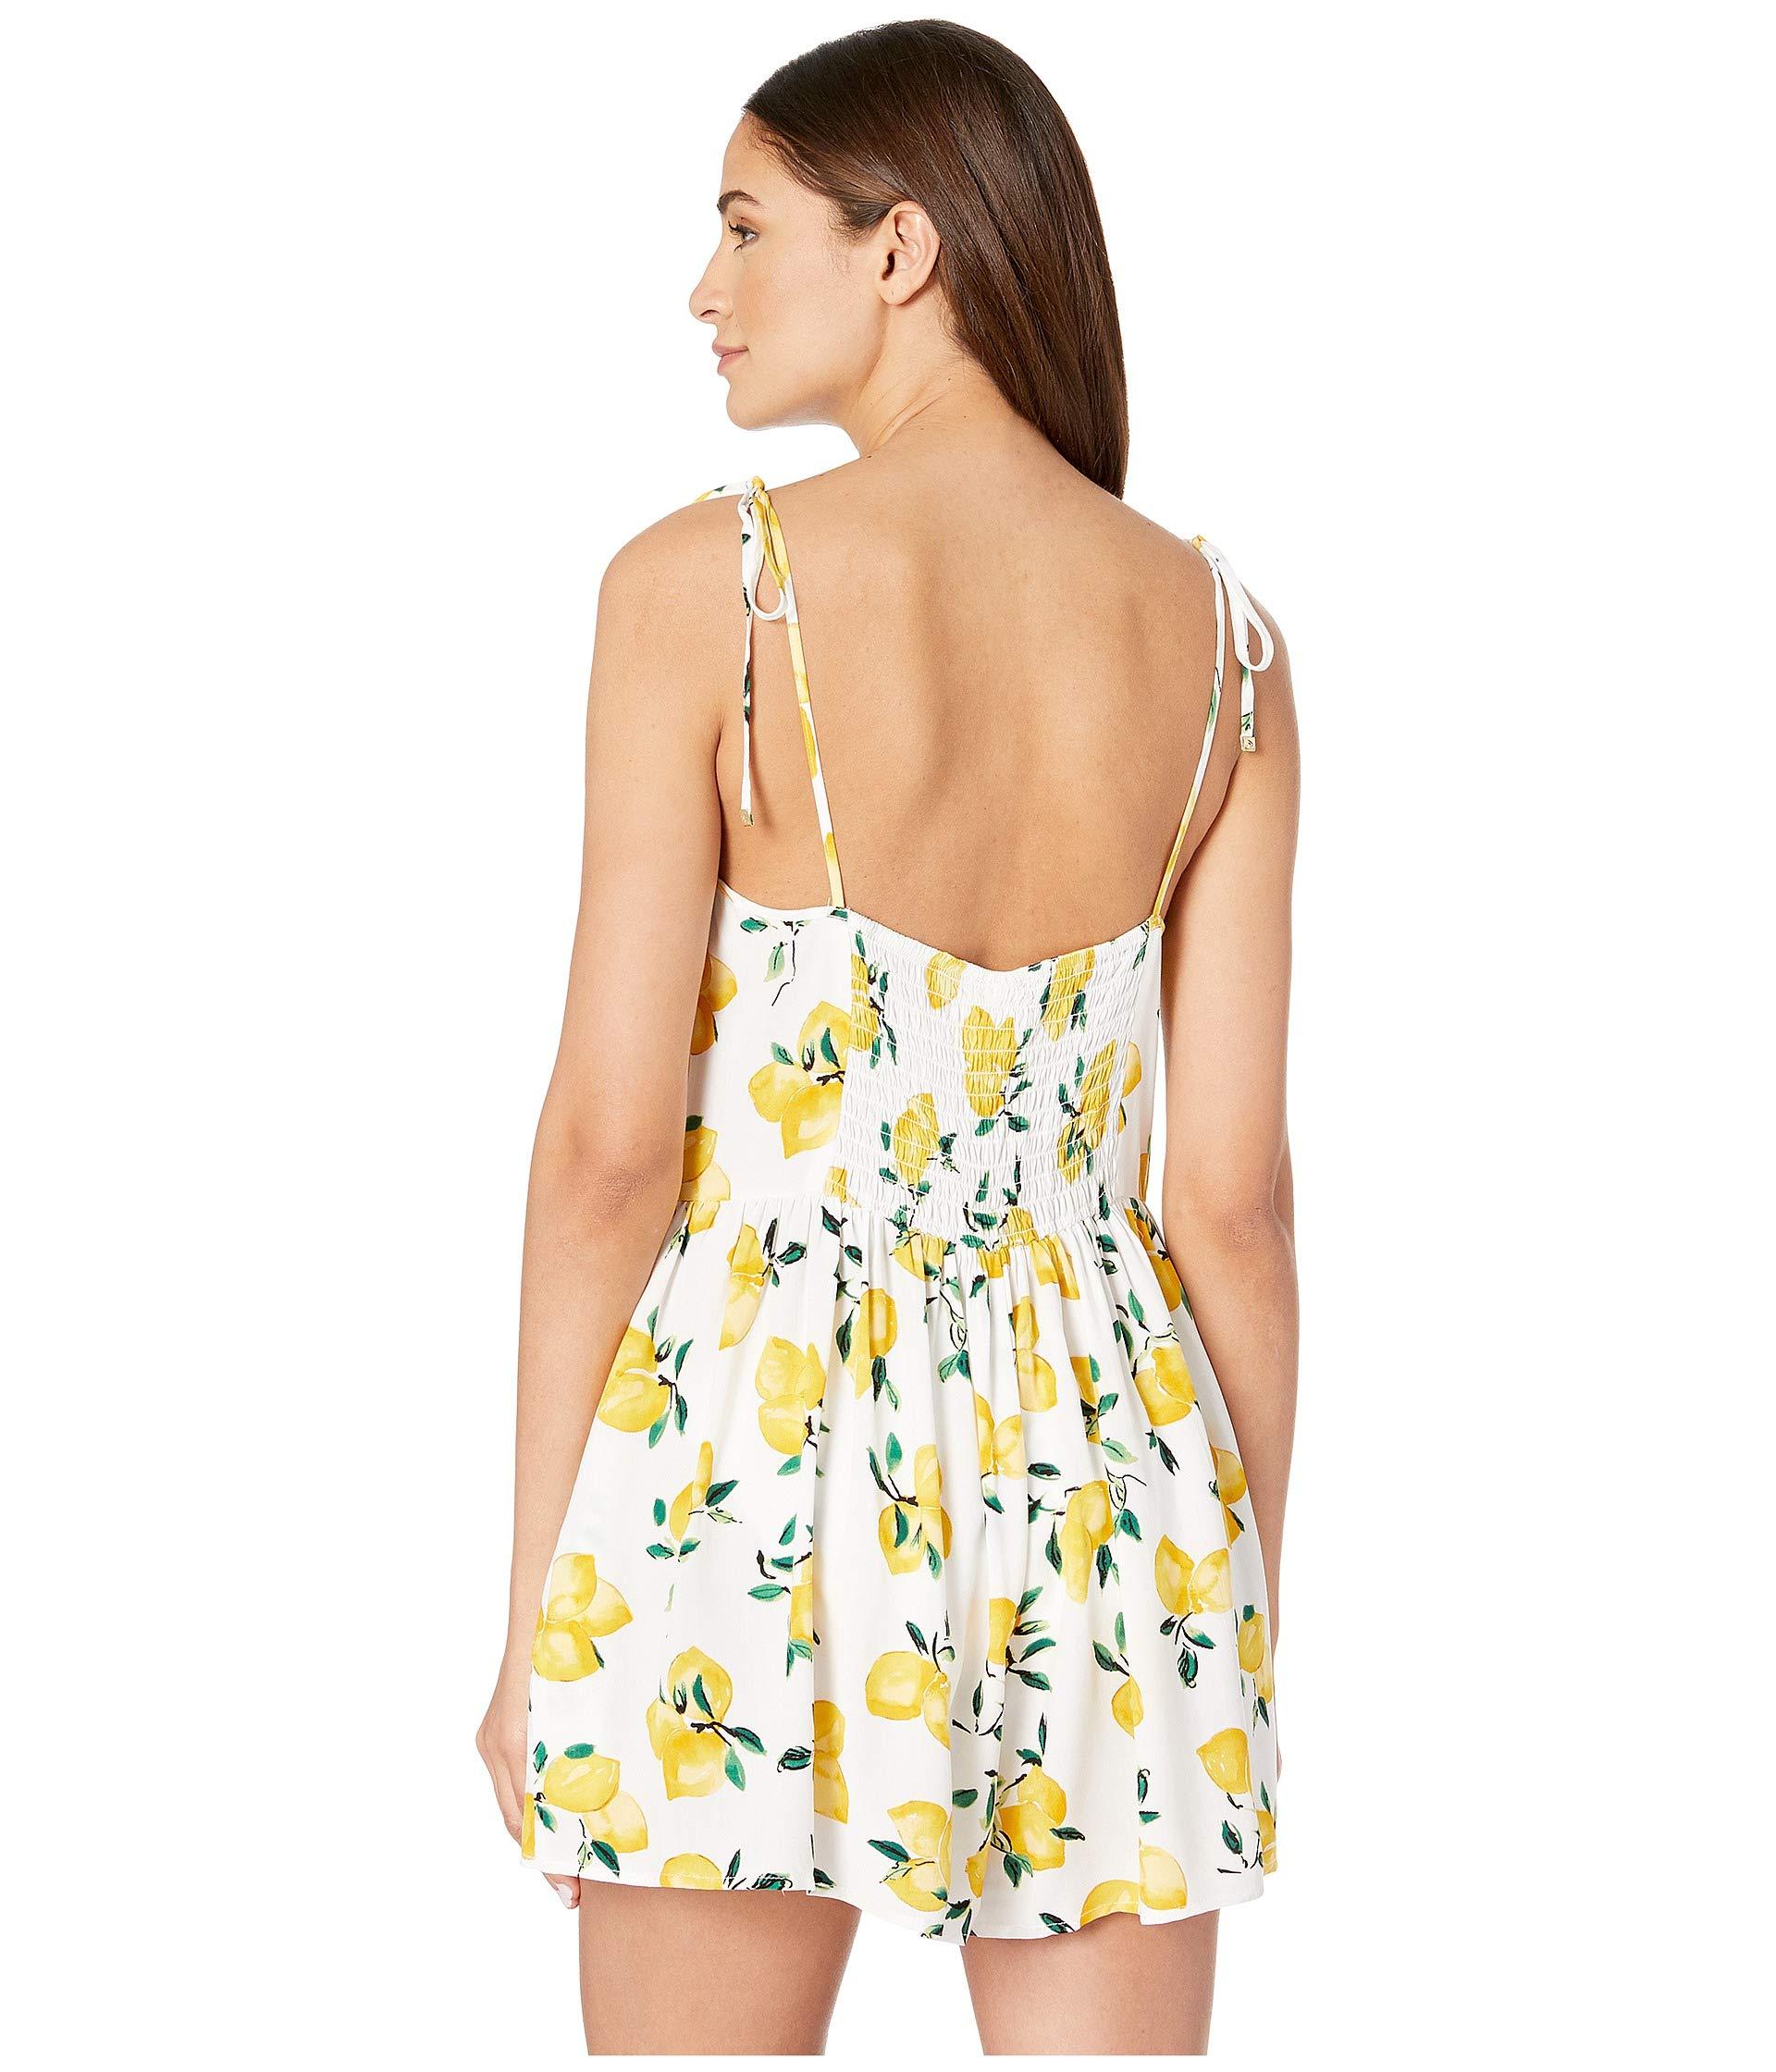 Fresh up Lemon Beach Flare Spade York Kate Cover White Romper New TzR1Tw6